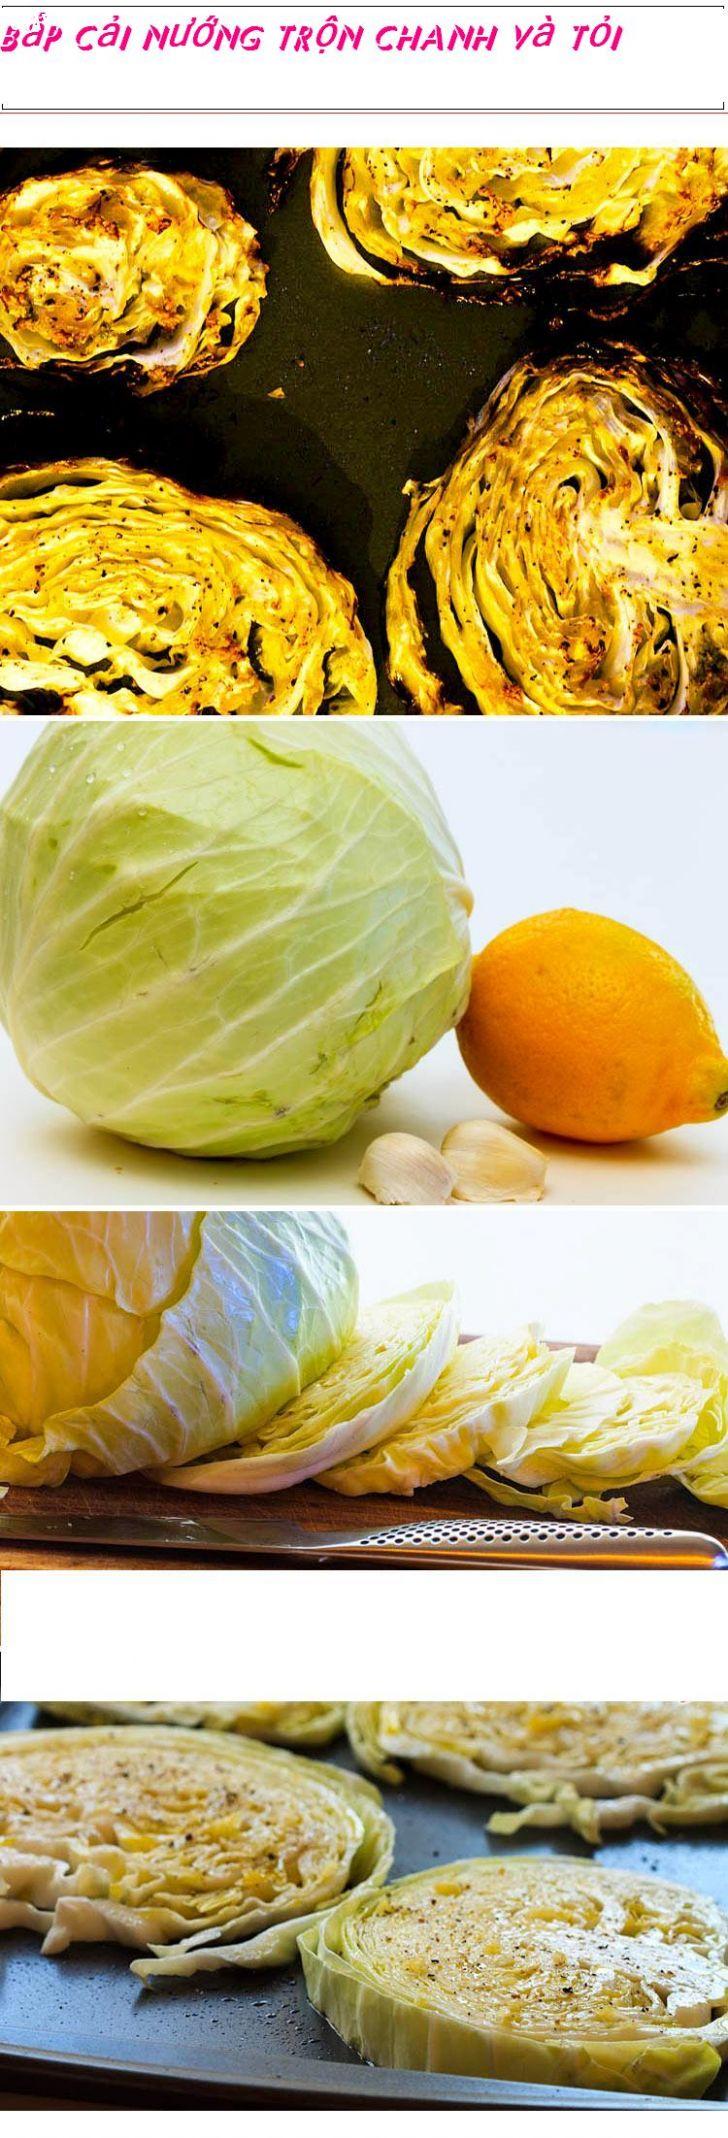 ảnh bắp cải,nấu nướng,bắp cải nướng,hướng dẫn nấu ăn